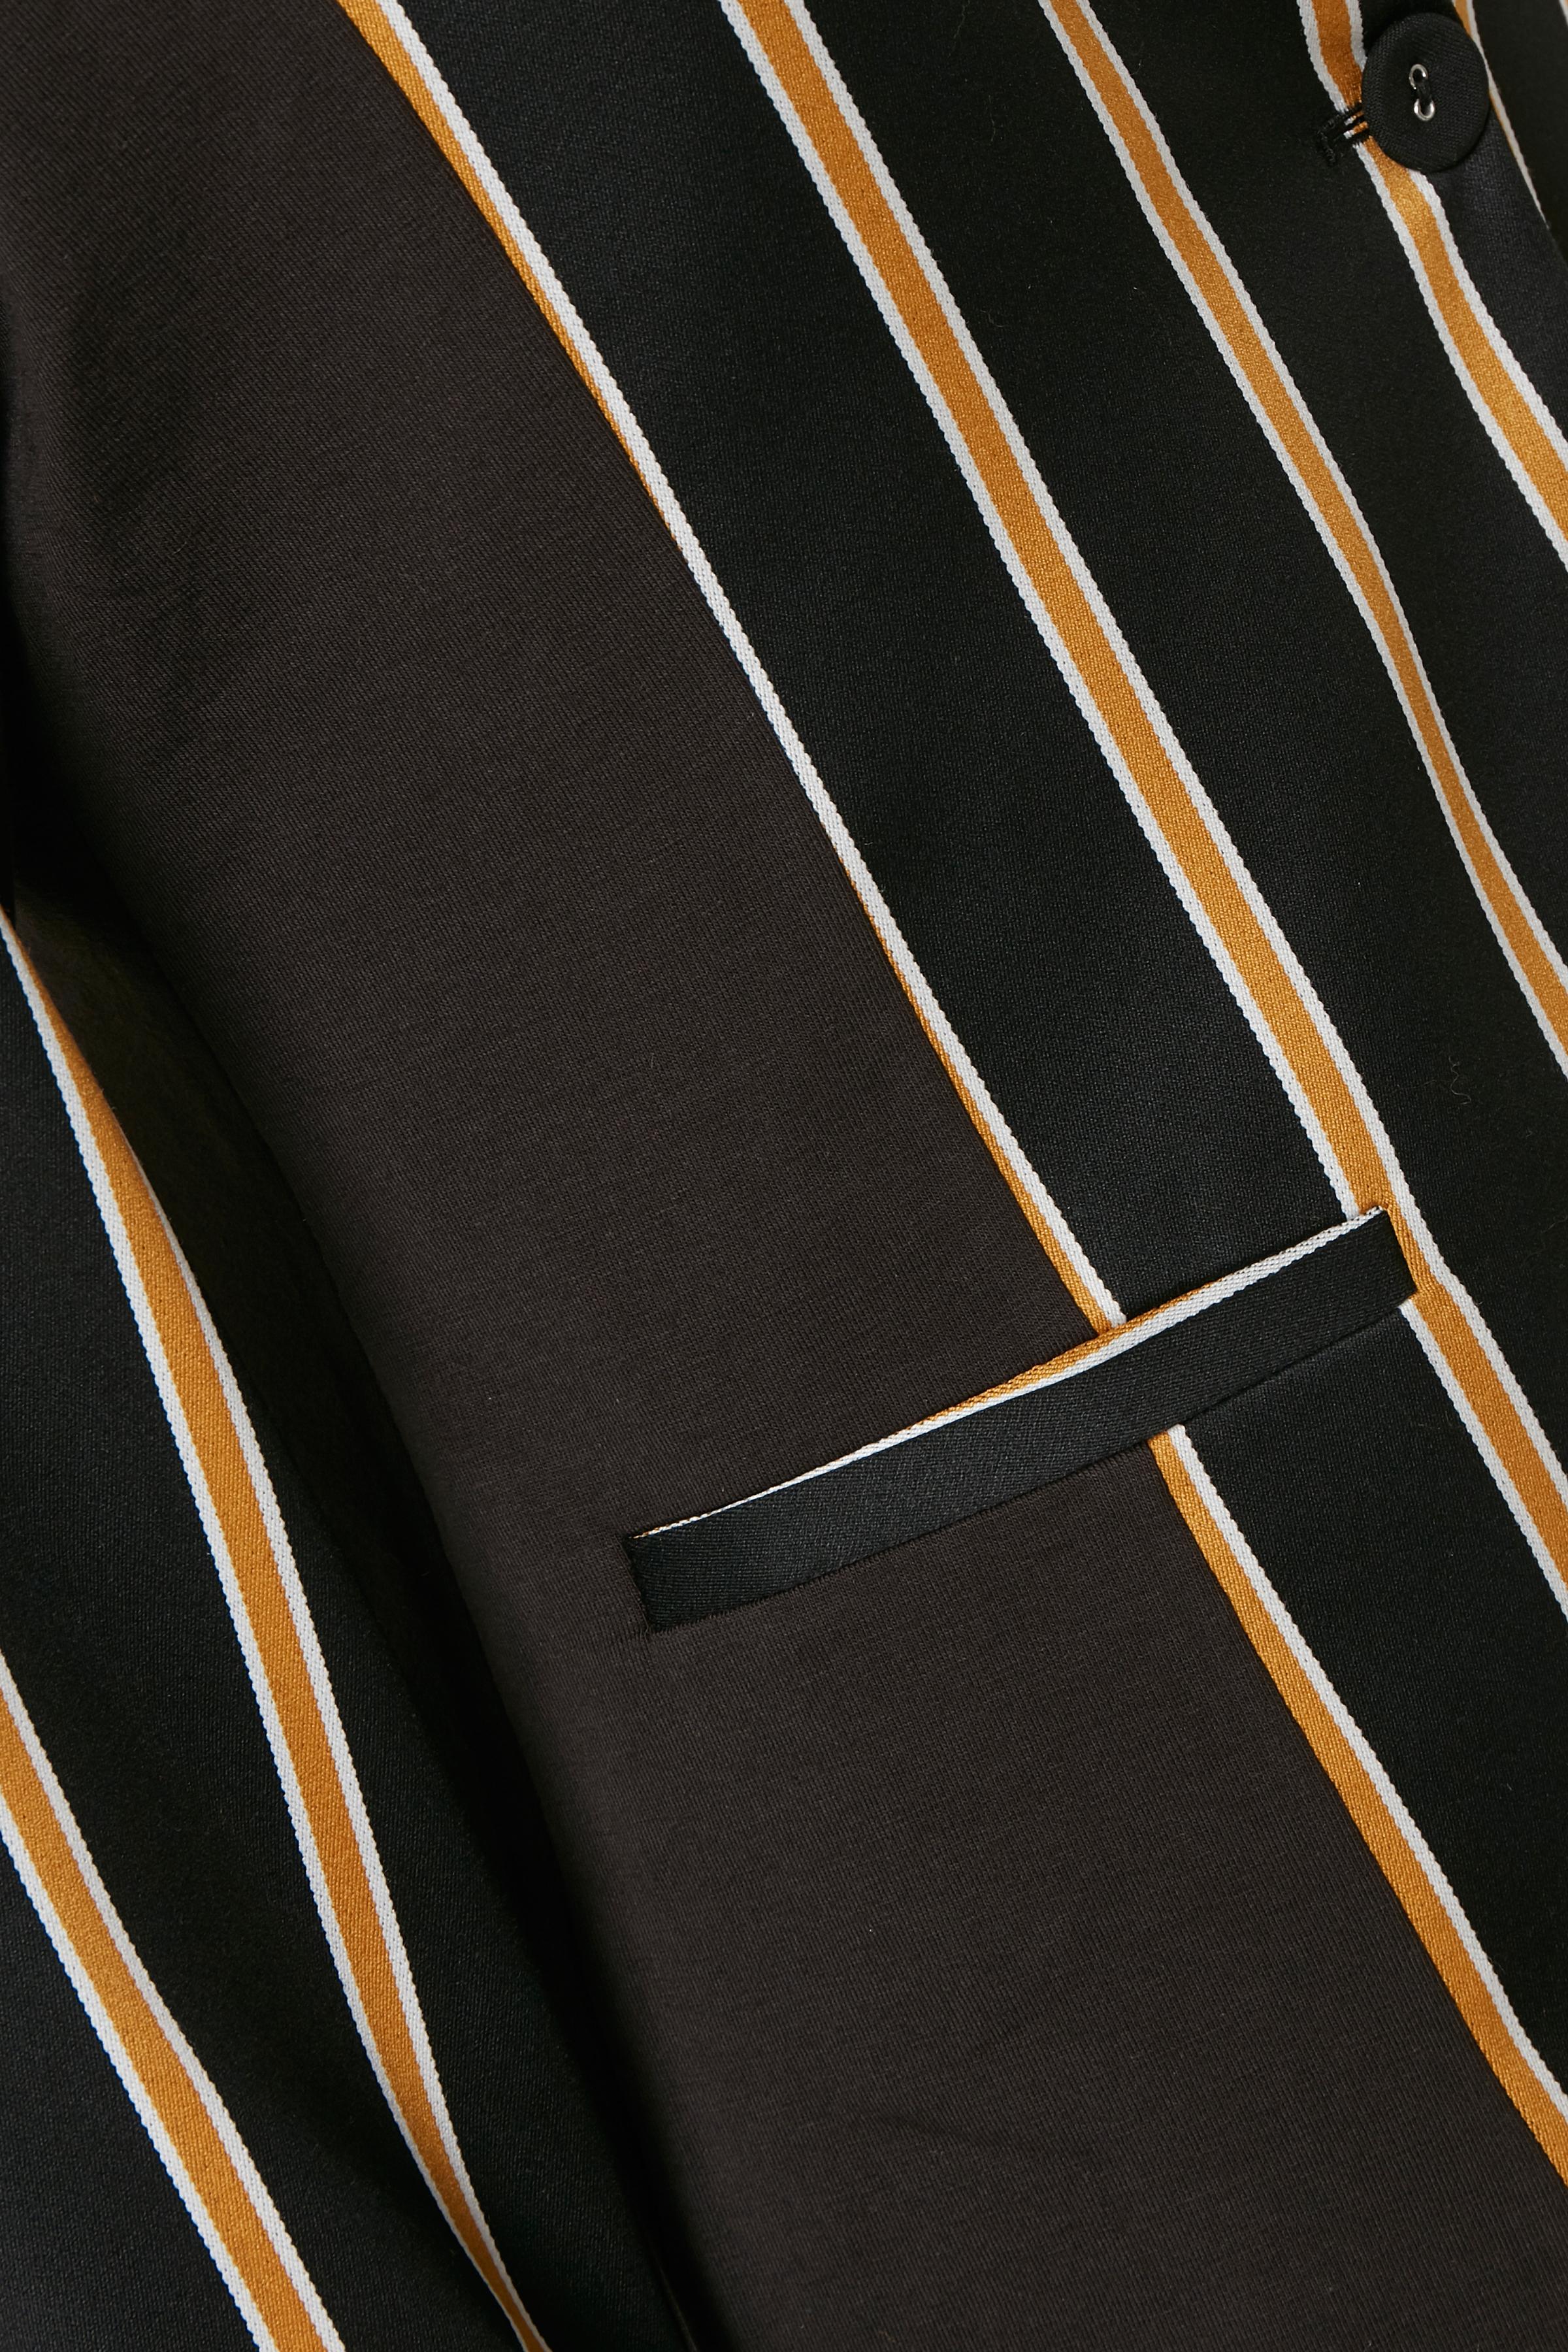 Svart/mörk curry Blazer från Kaffe – Köp Svart/mörk curry Blazer från stl. 32-46 här